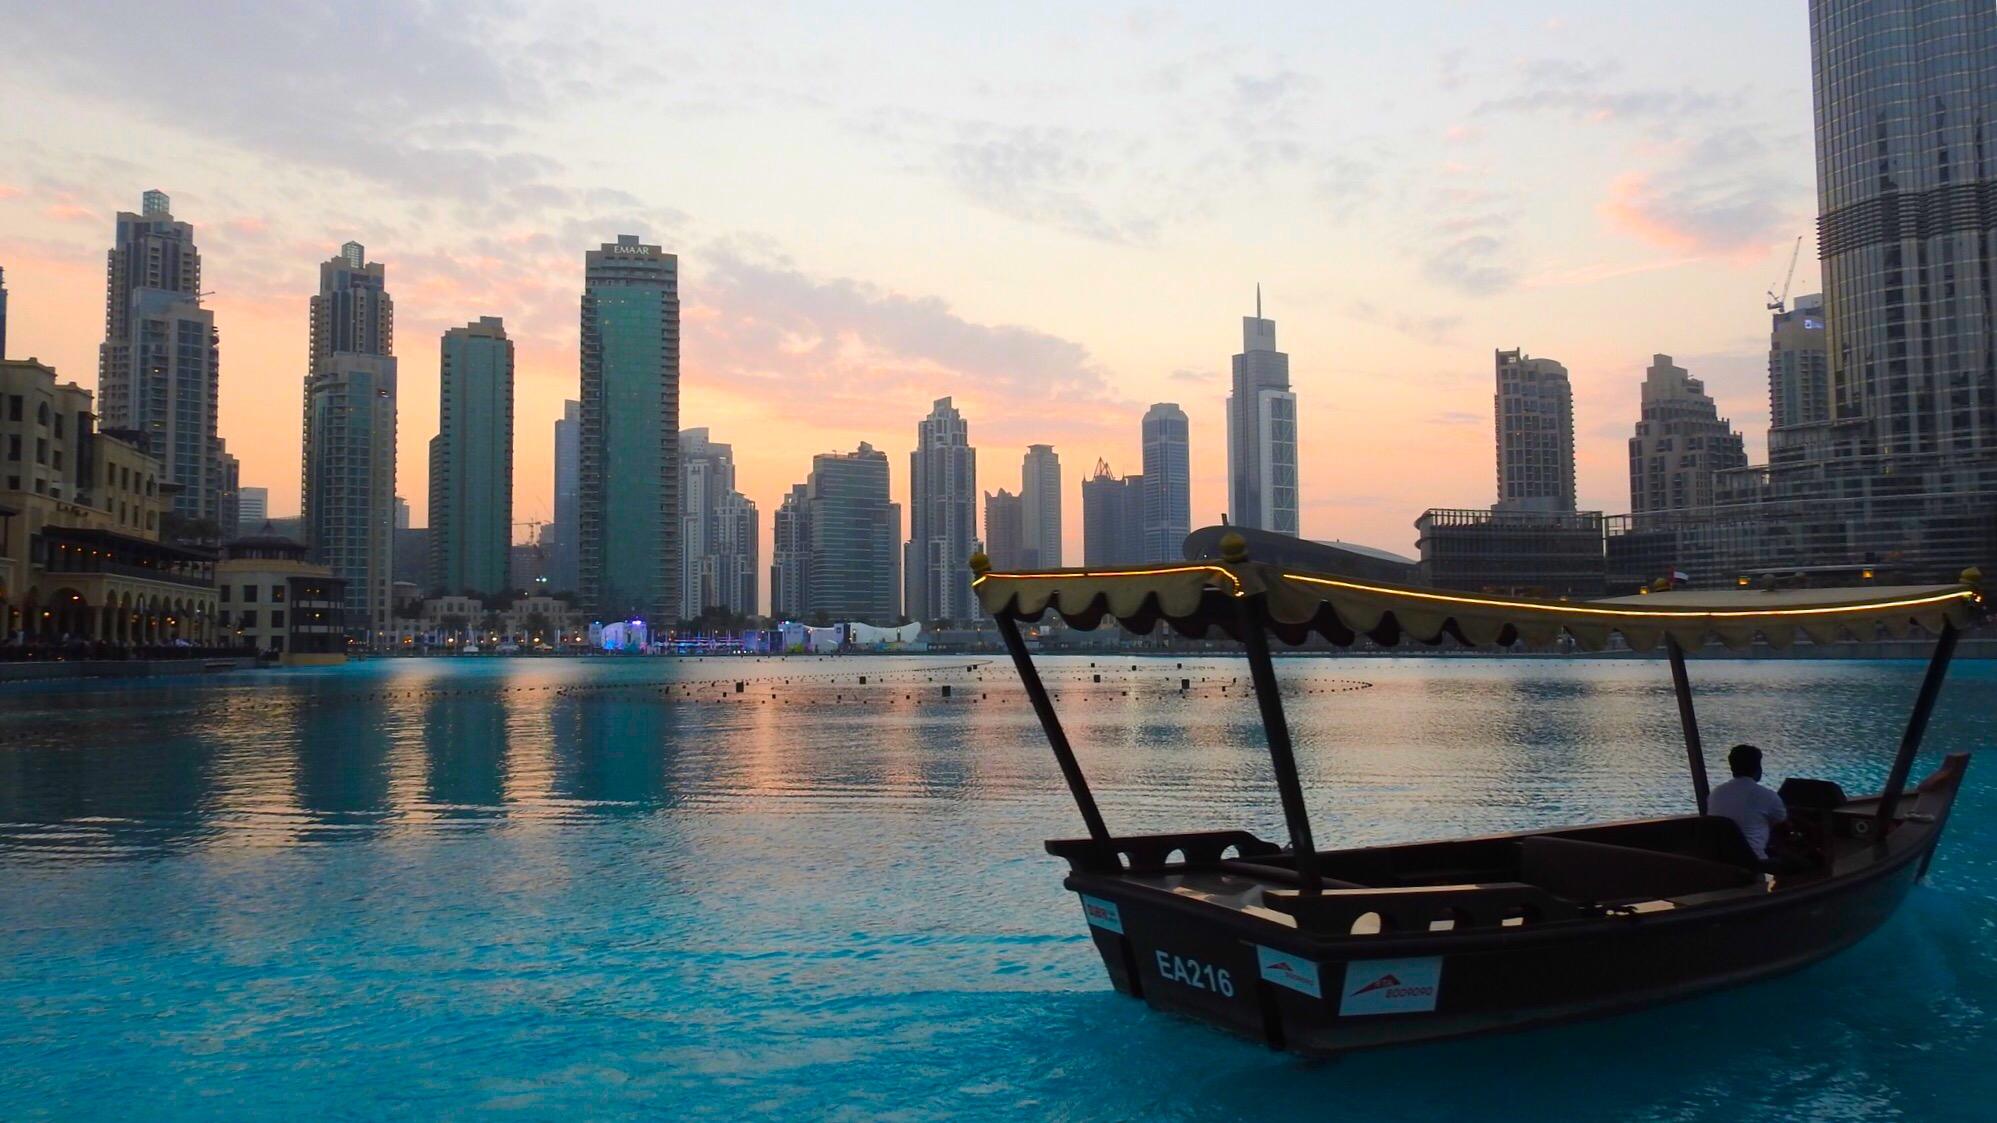 Dubai Fountain, Dubai, United Arab Emirates